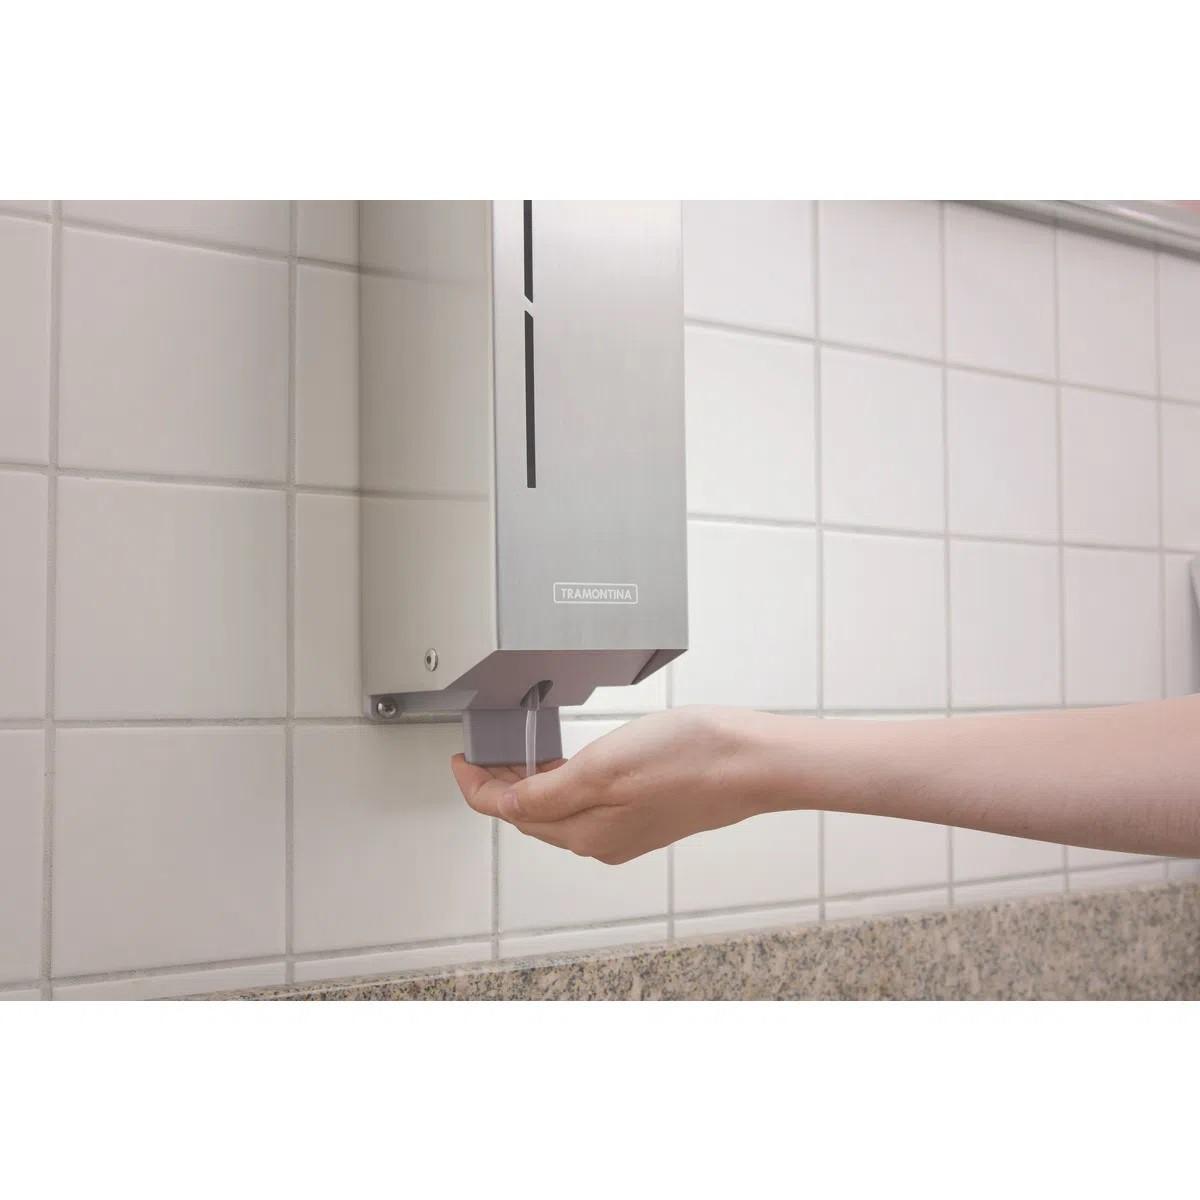 Dispenser para Sabonete Líquido Tramontina em Aço Inox com Acabamento Scotch Brite e Recipiente em ABS  Tramontina 94532032